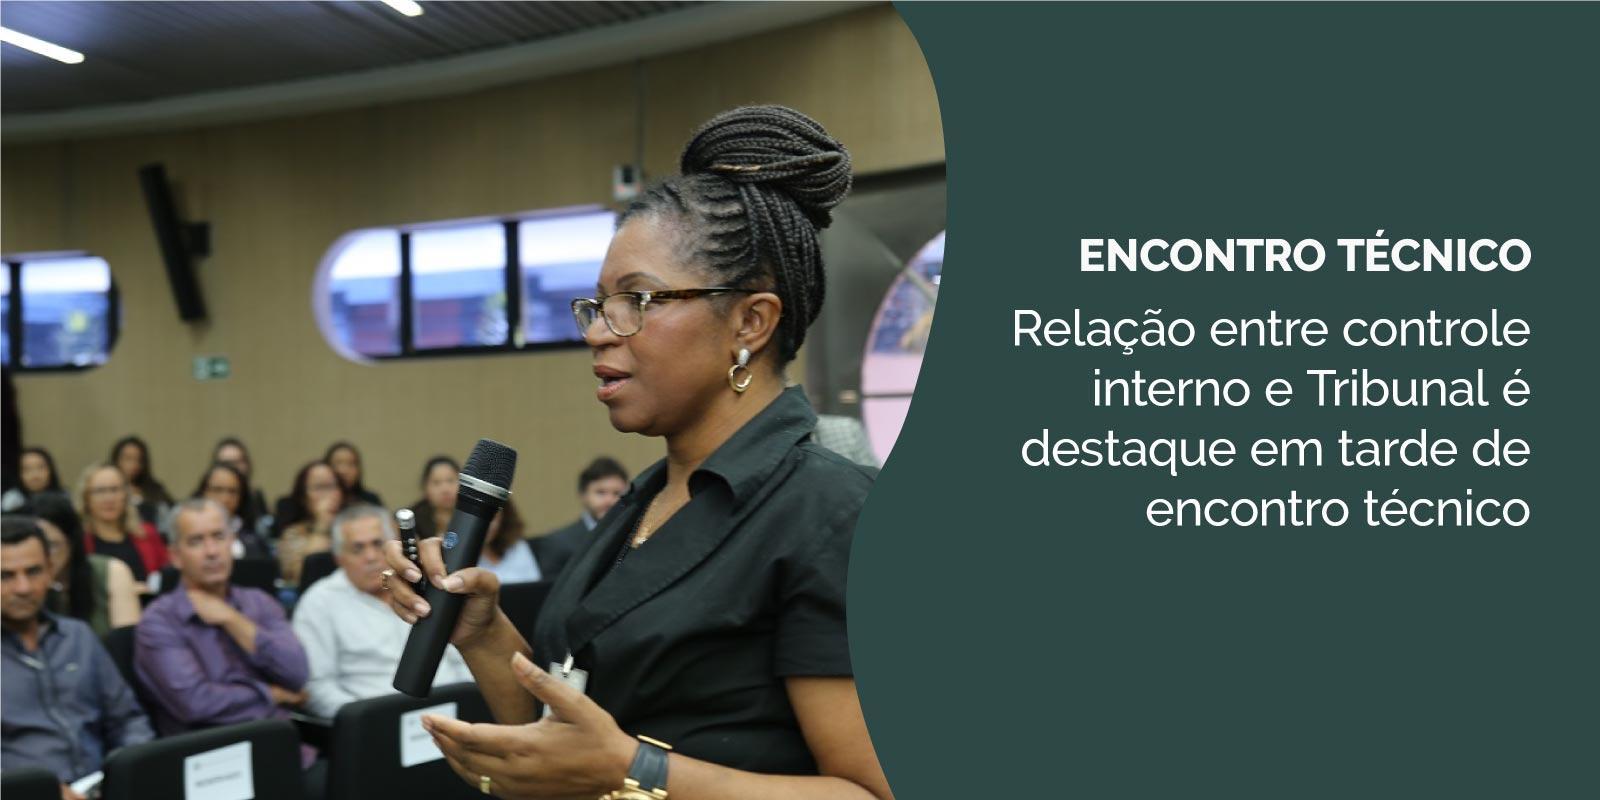 Relação entre controle interno e Tribunal é destaque em tarde de encontro técnico